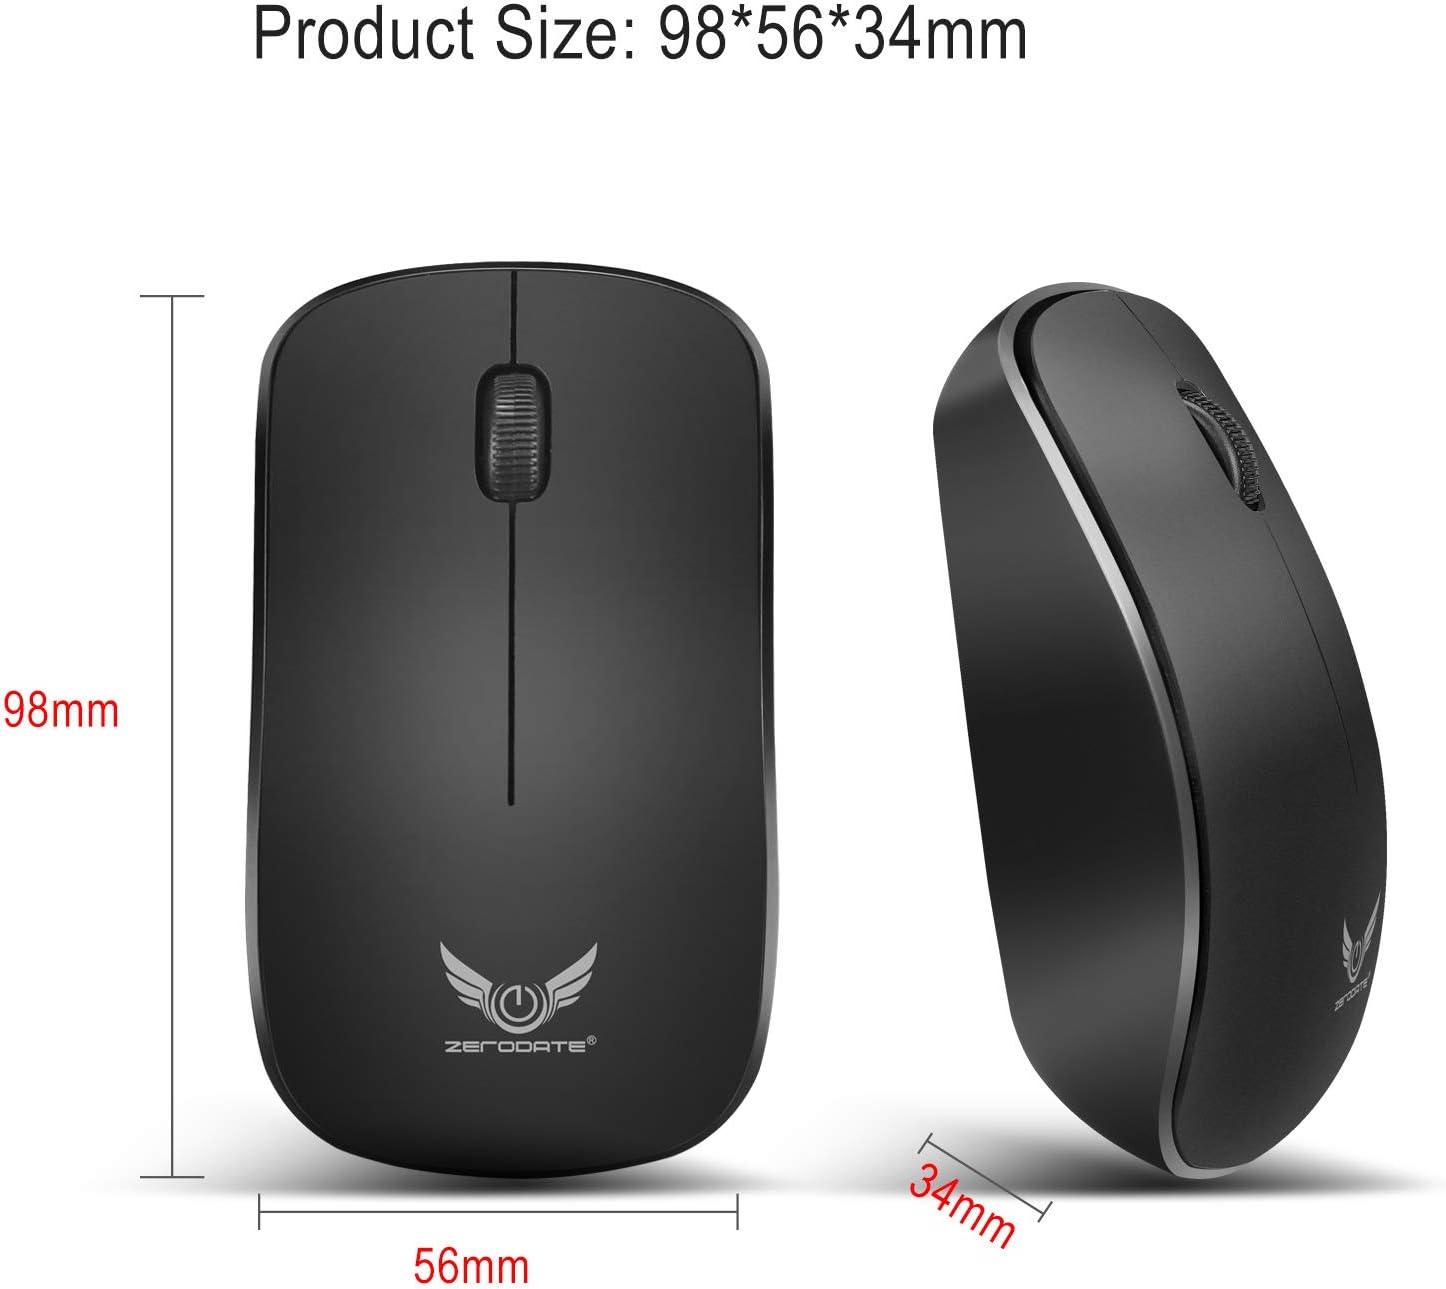 Red tide 2.4G draadloze muis mini muis, 3 toetsen ABS 1600Dpi ergonomische optische muis, geschikt voor laptop business Office muis zwart